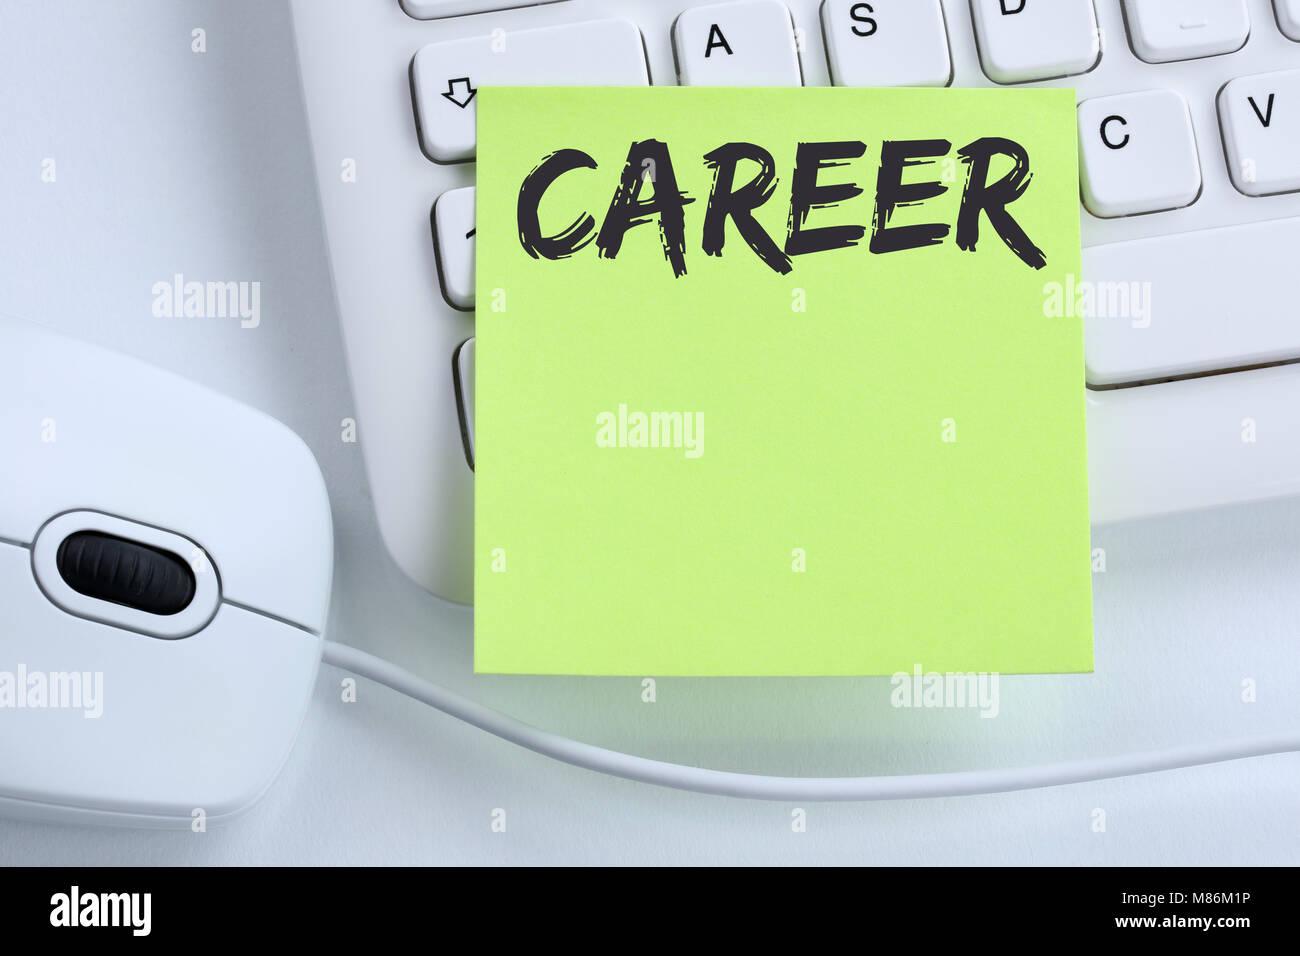 Opportunità di carriera obiettivi di successo e di sviluppo business concetto mouse della tastiera del computer Immagini Stock